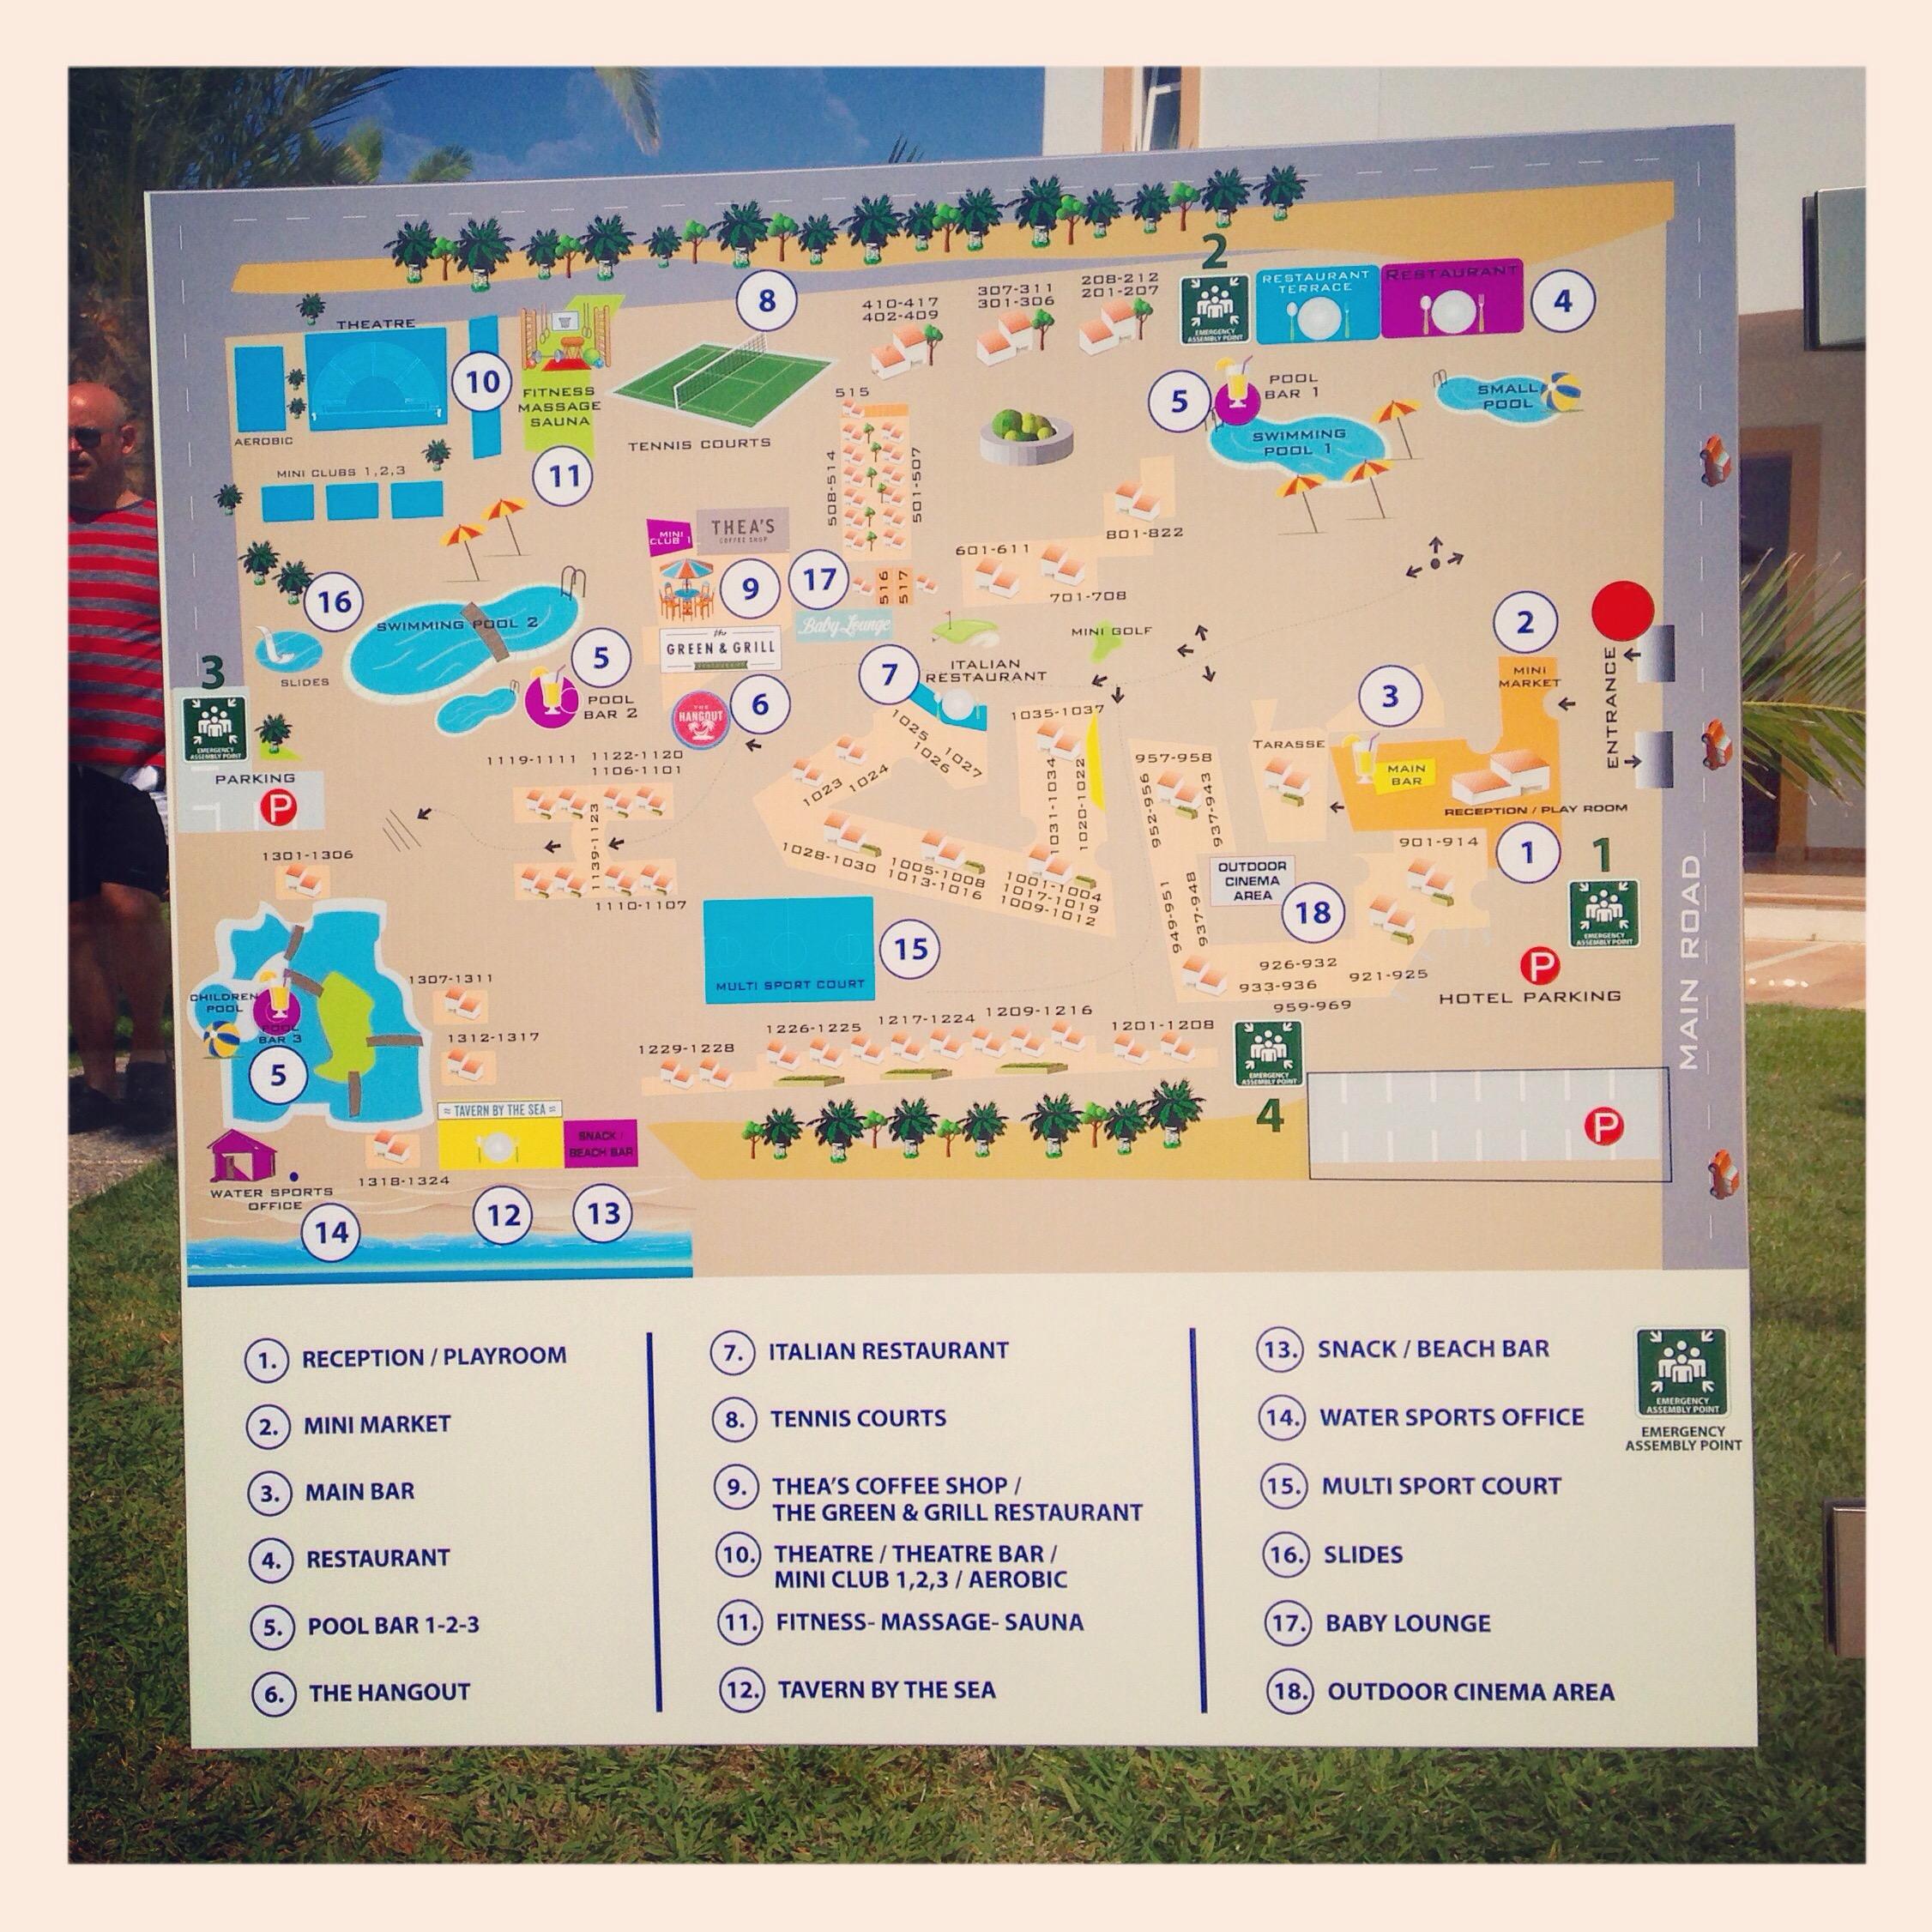 hotell karta Hotellkarta Atlantica Club Marmari Beach   Från Stad till Strand hotell karta